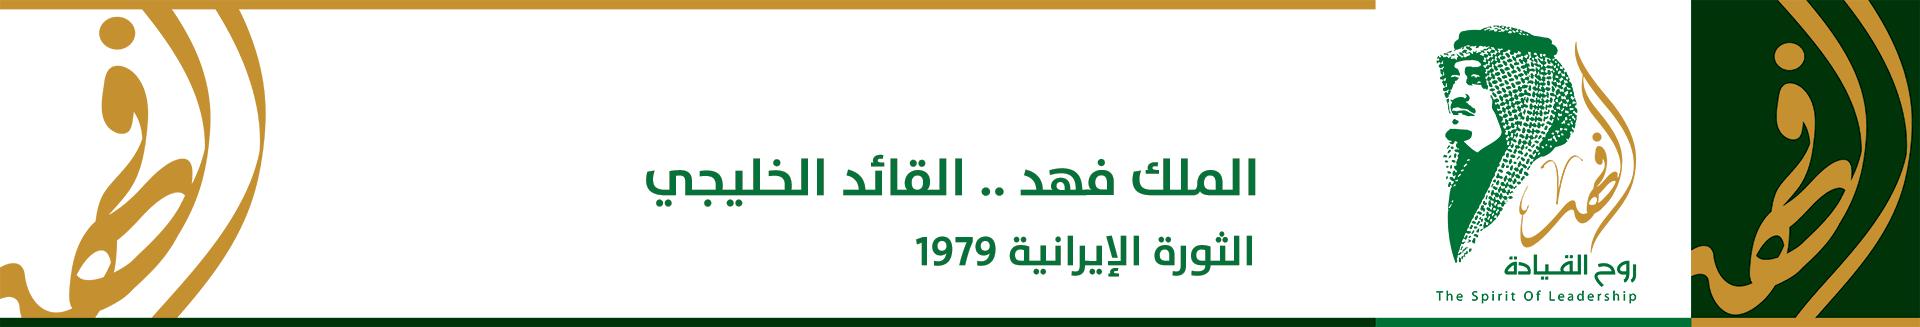 الملك فهد والثورة الإيرانية